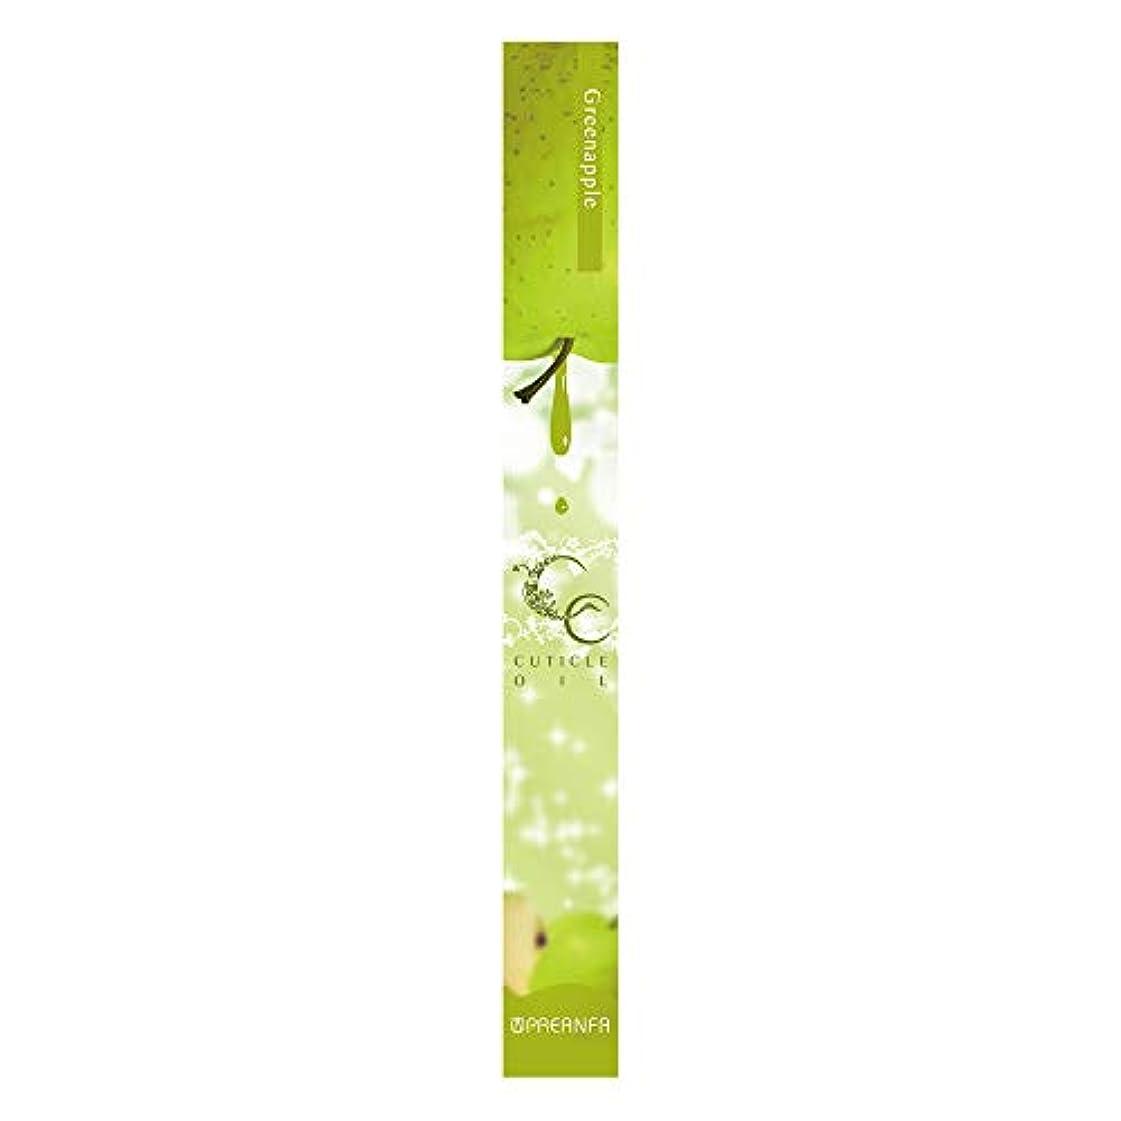 効能疑問に思う話プリジェル ジェルネイル CCキューティクルオイル グリーンアップル 4.5g 保湿オイル ペンタイプ